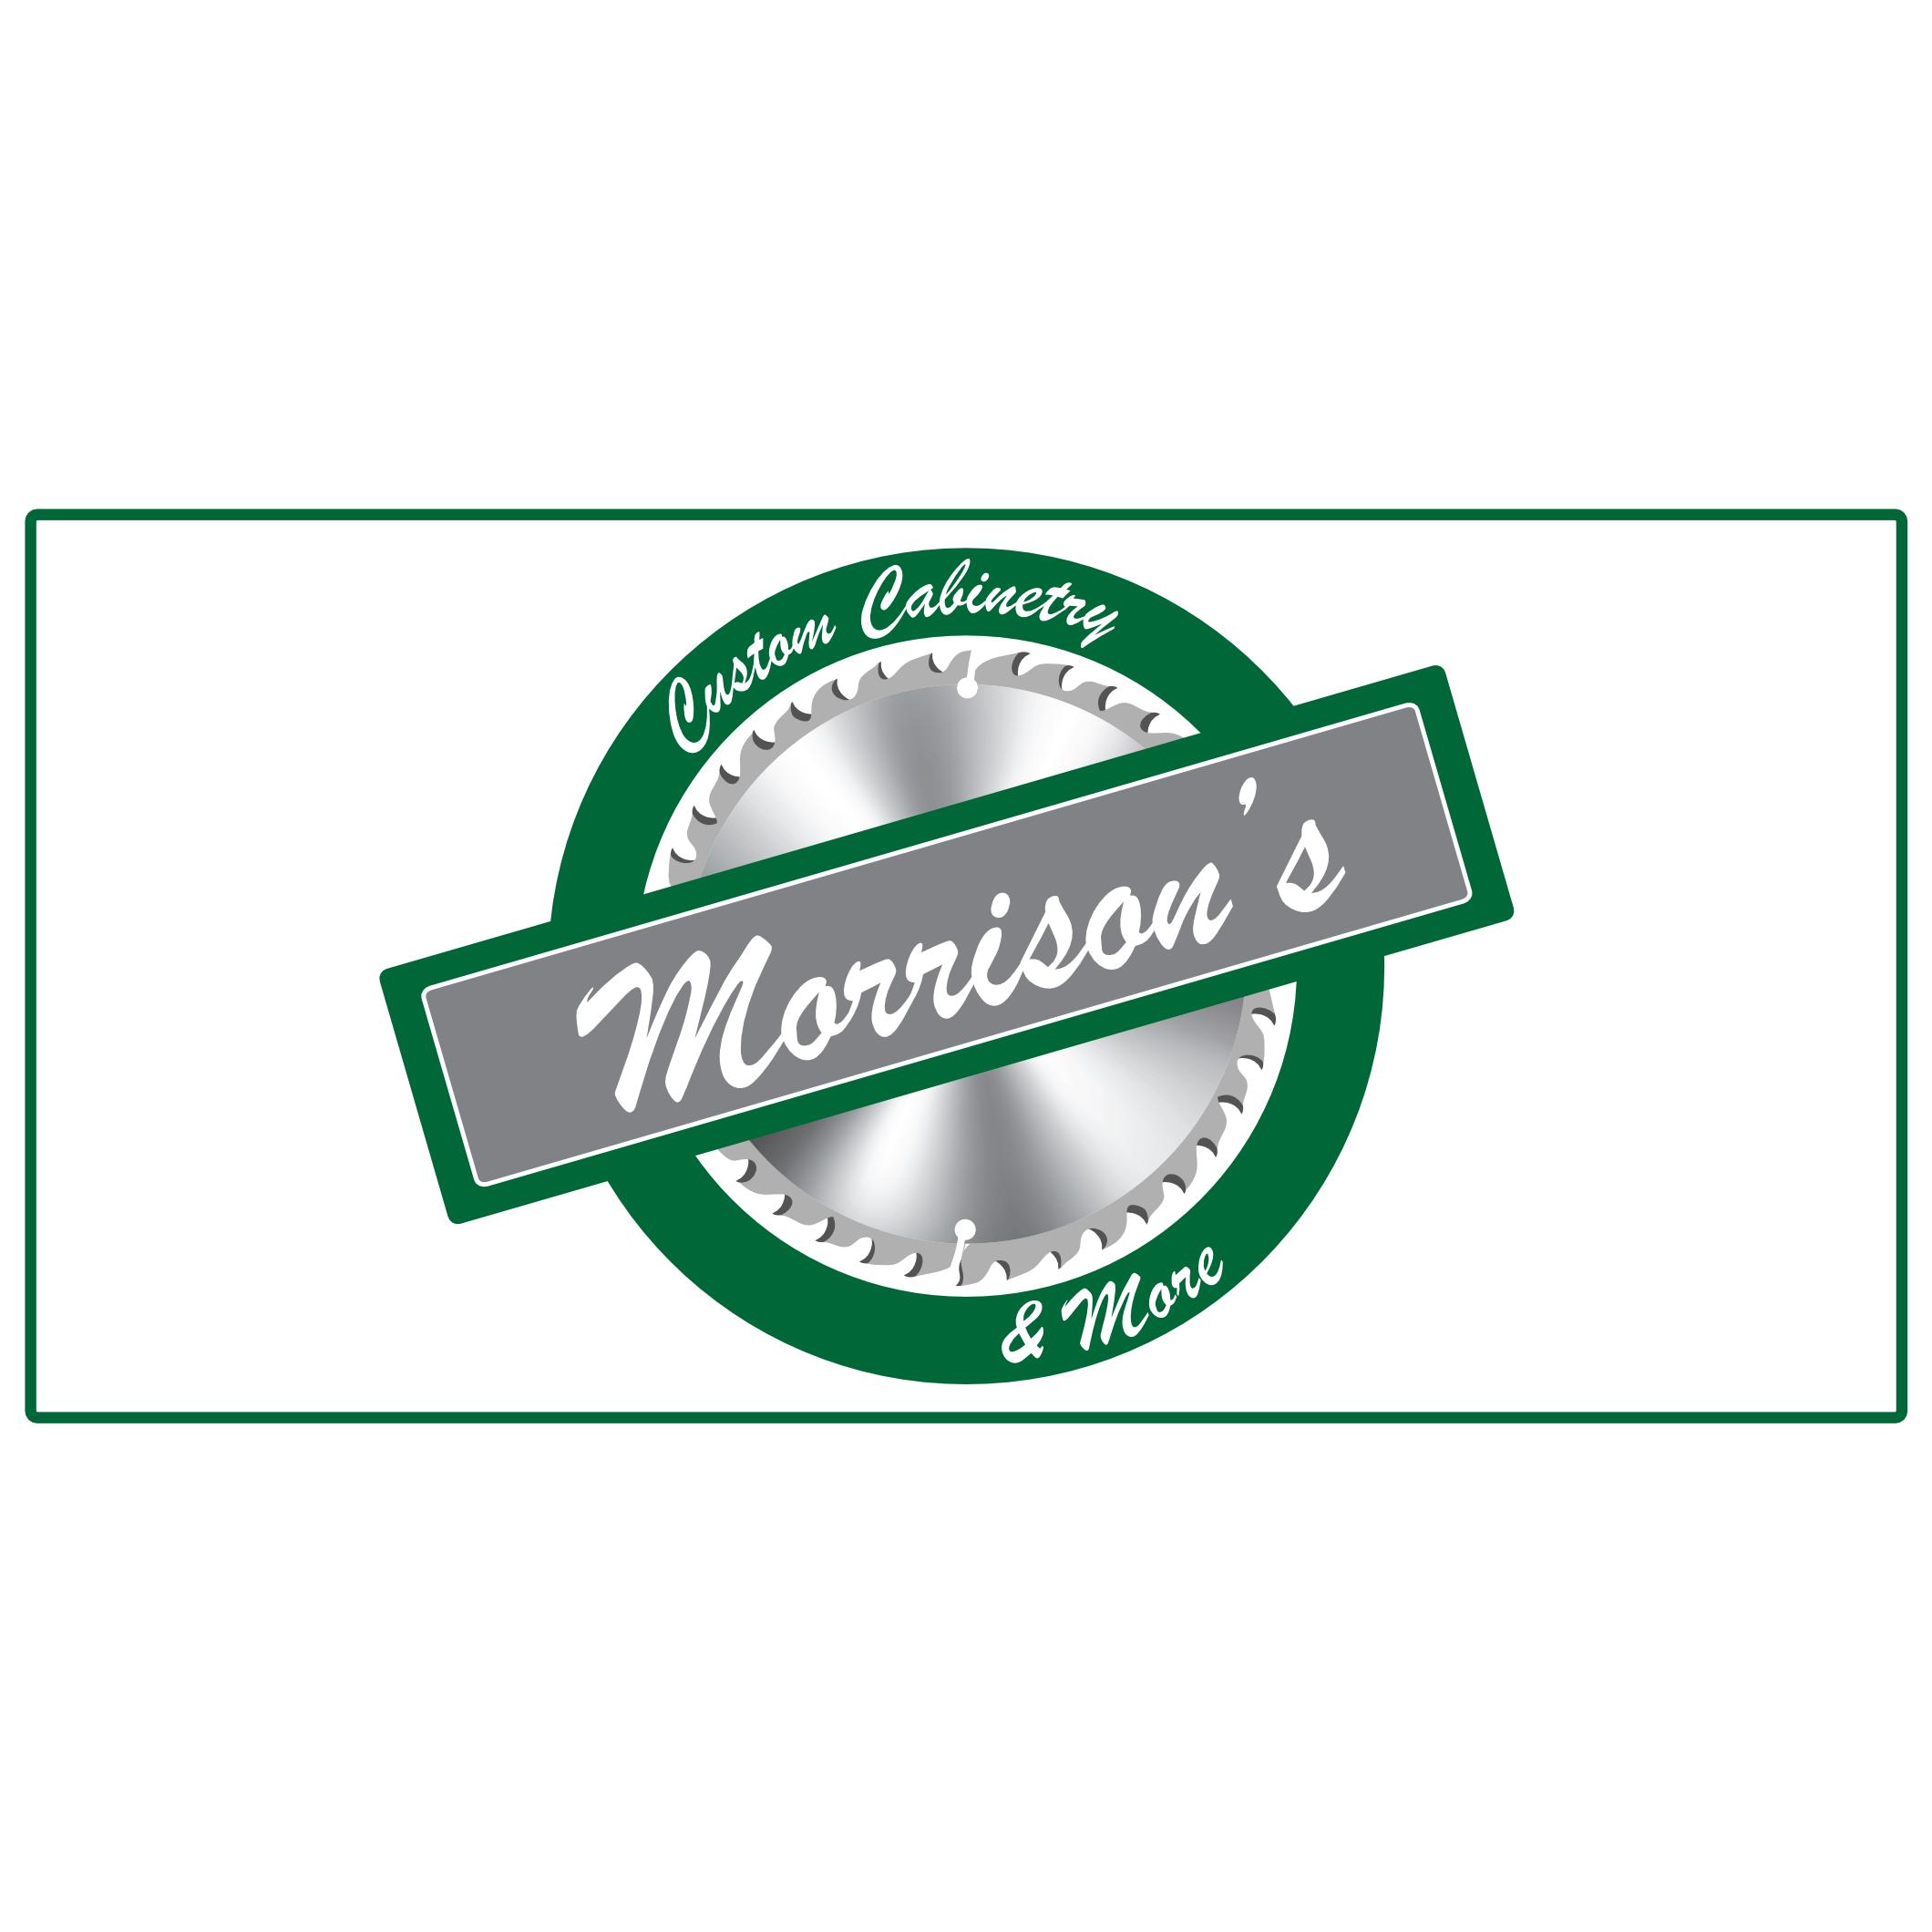 Morrison's Custom Cabinetry & More, LLC